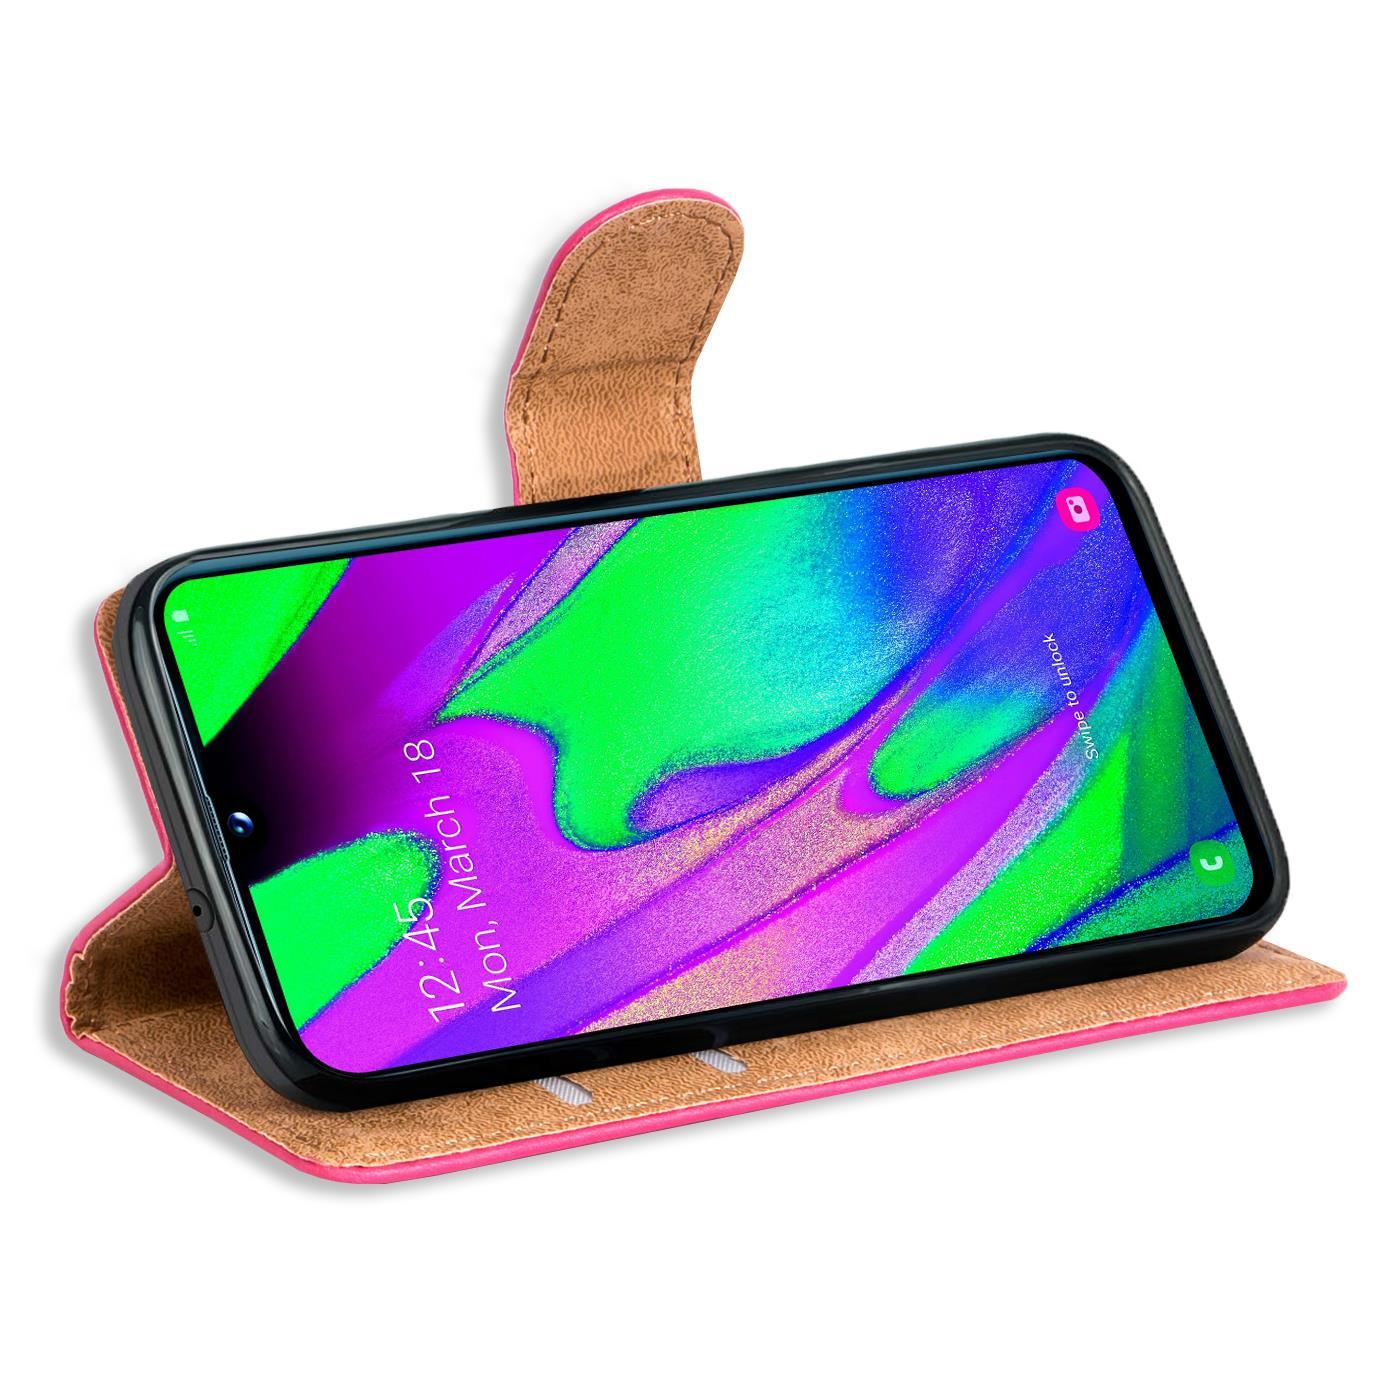 Schutz-Huelle-Samsung-Galaxy-A40-Handy-Klapp-Tasche-Book-Flip-Case-Schutzhuelle Indexbild 18